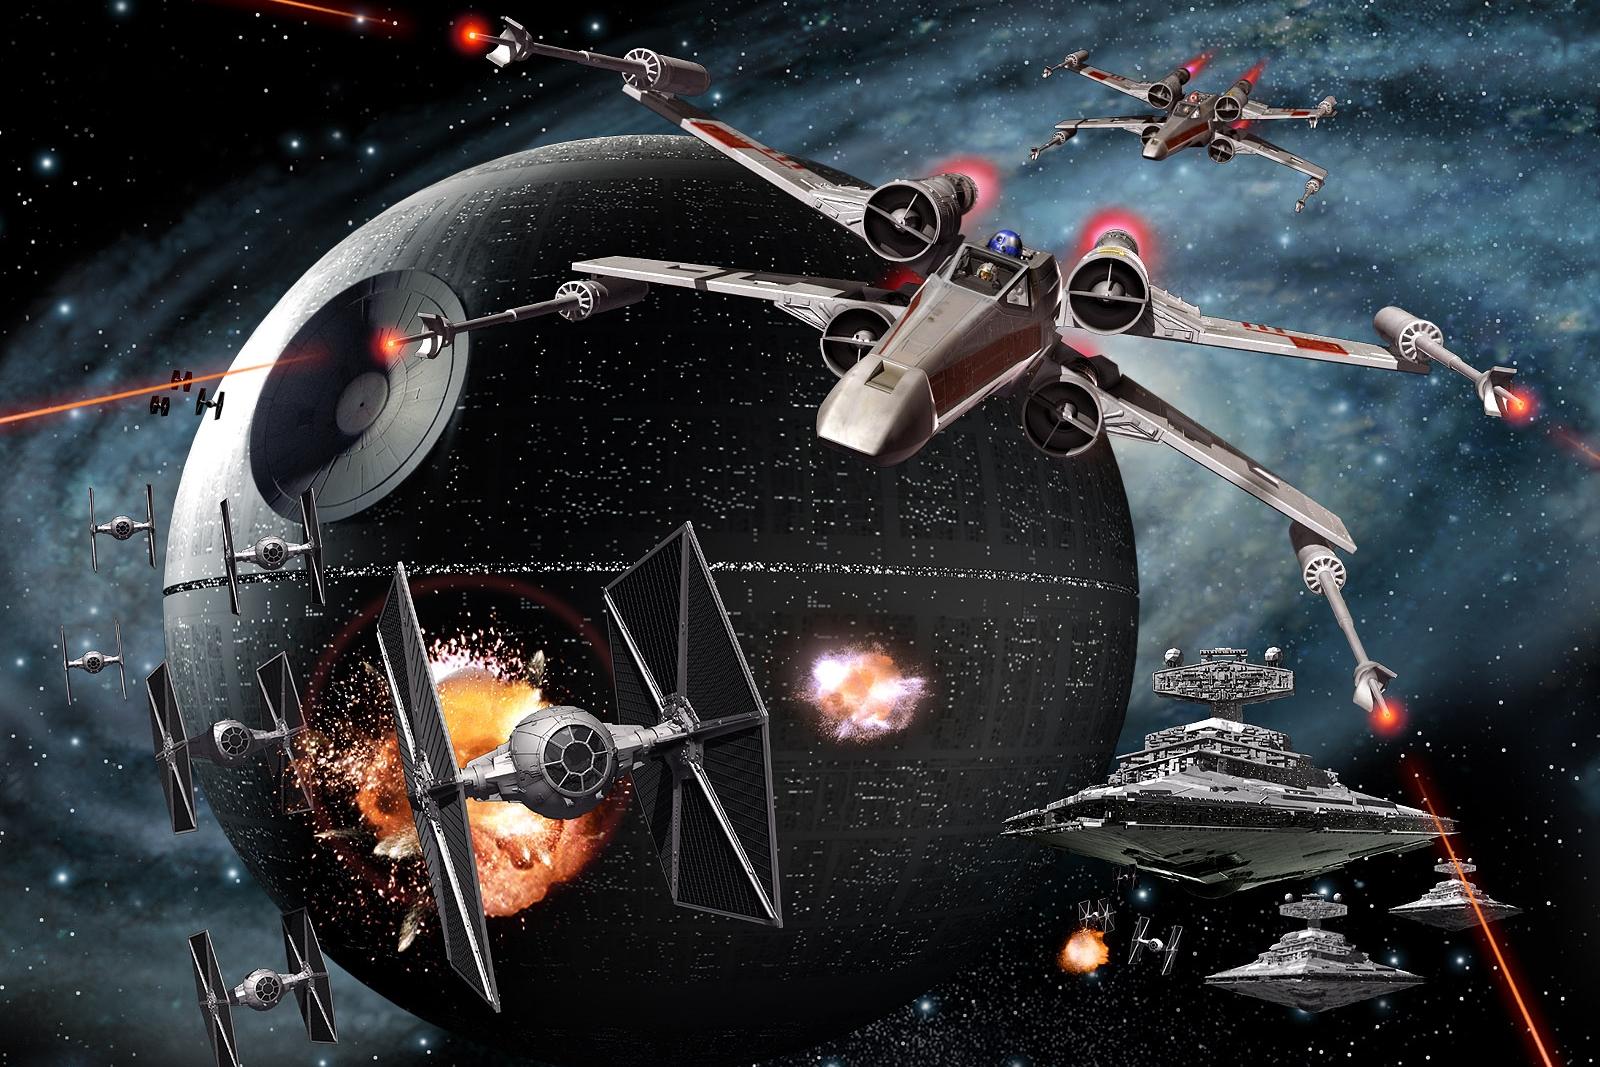 Imagem de 7 curiosidades do Universo Expandido de Star Wars que você precisa saber no tecmundo